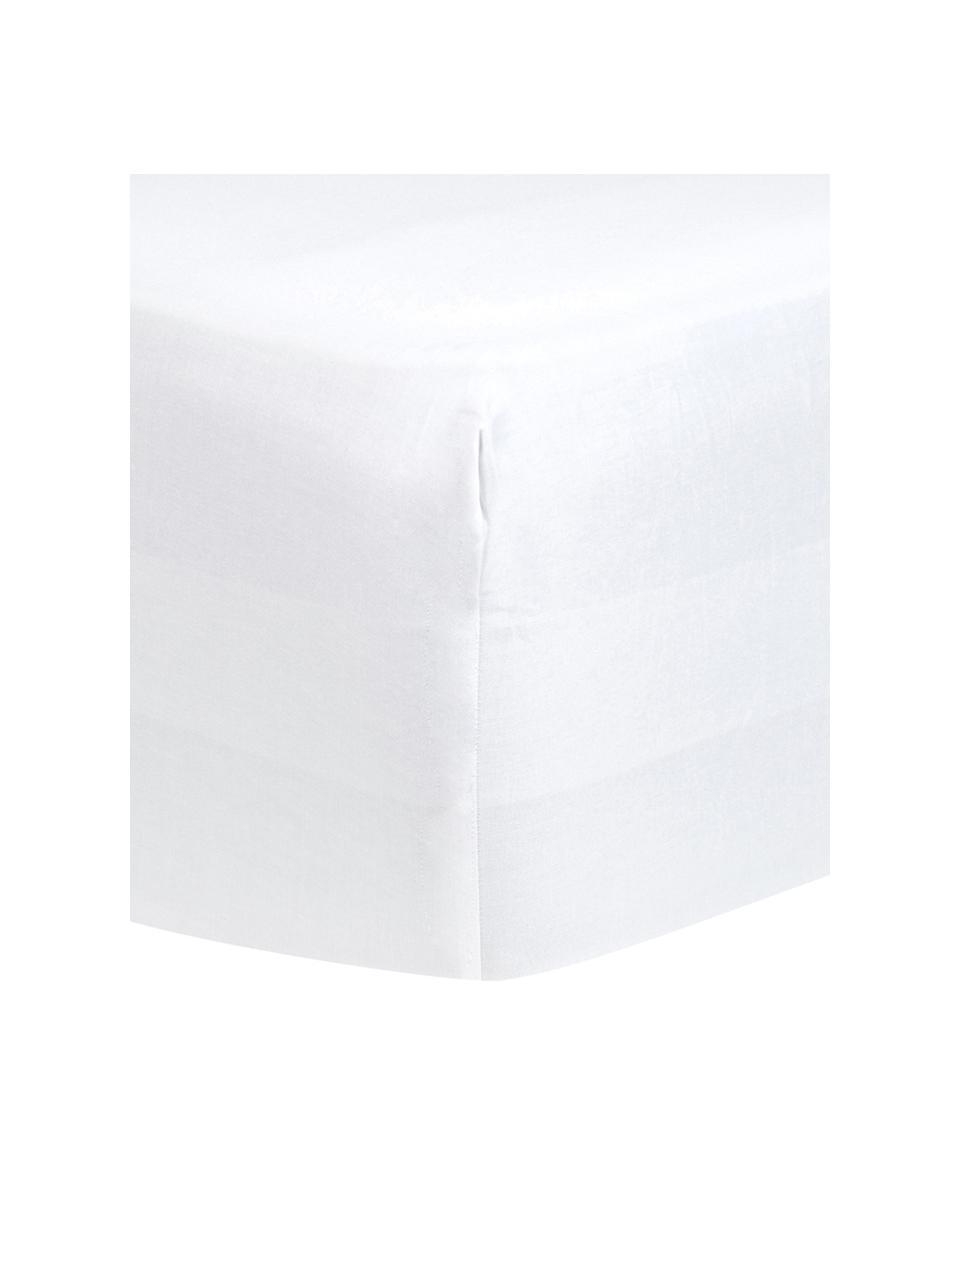 Prześcieradło z gumką z satyny bawełnianej Comfort, Biały, S 200 x D 200 cm